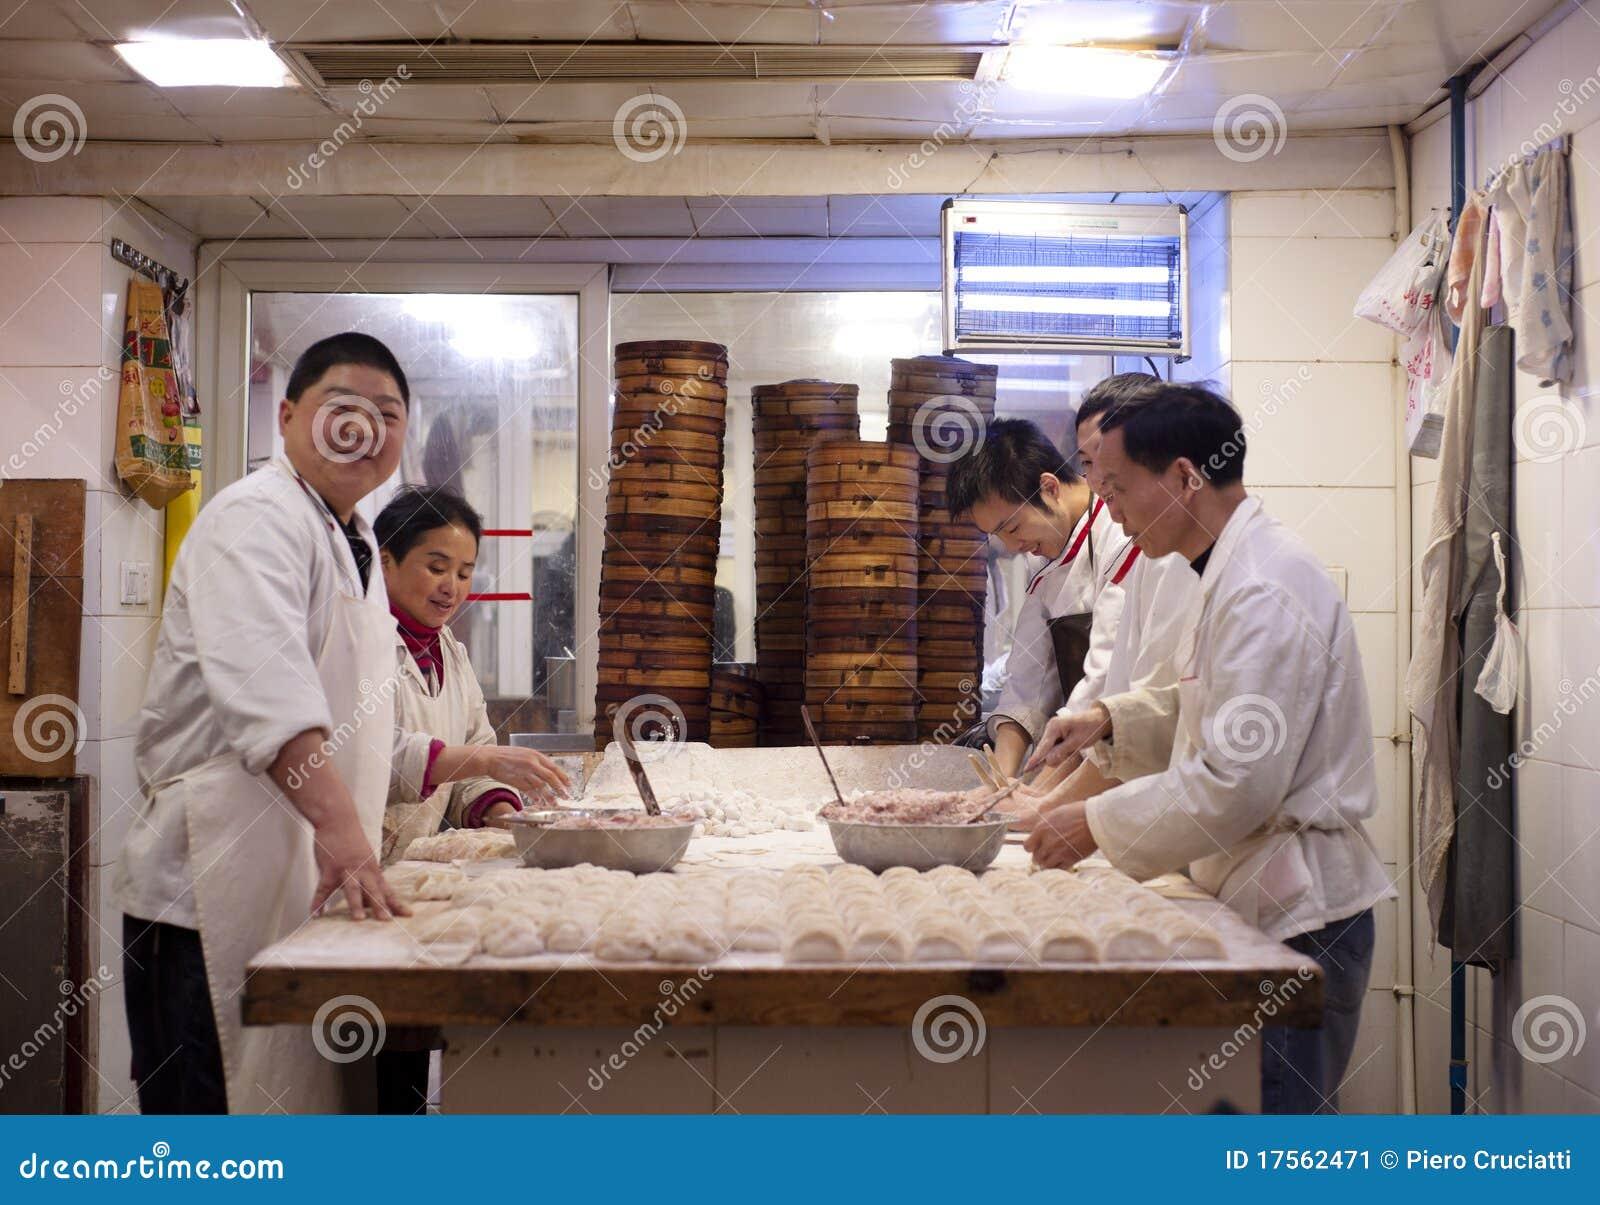 China: dumplings cooks